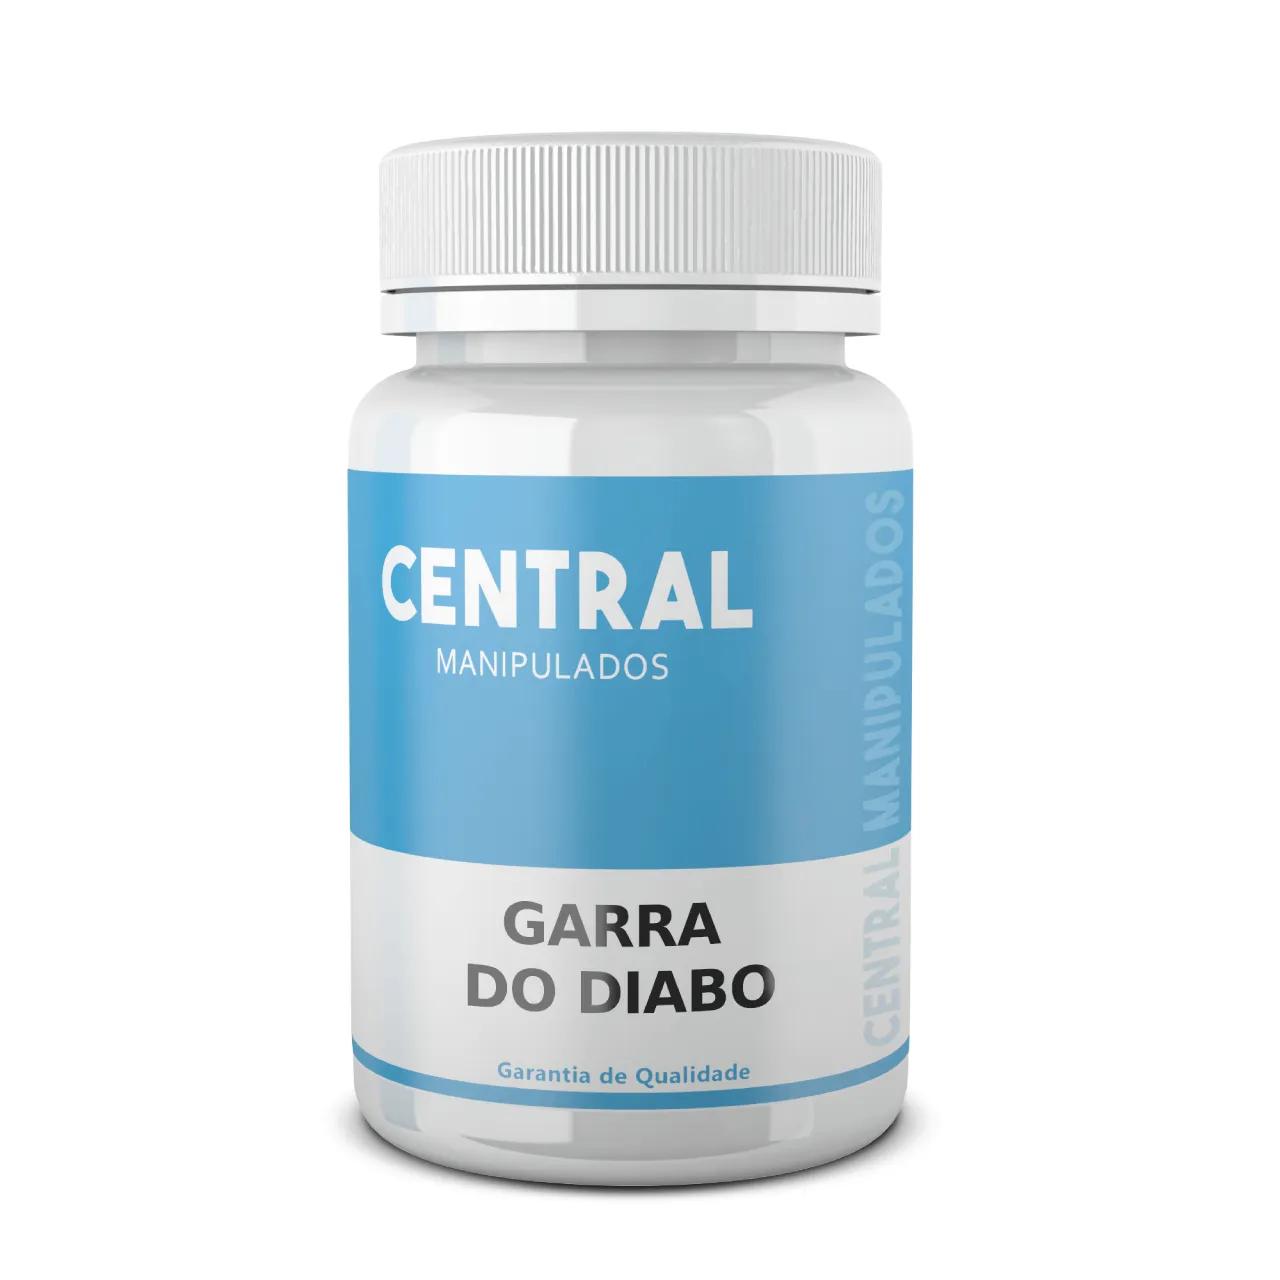 Garra do Diabo 400mg - 30 cápsulas - Anti-inflamatório, Anti-reumático e Analgésico, Contra Dores Articulares